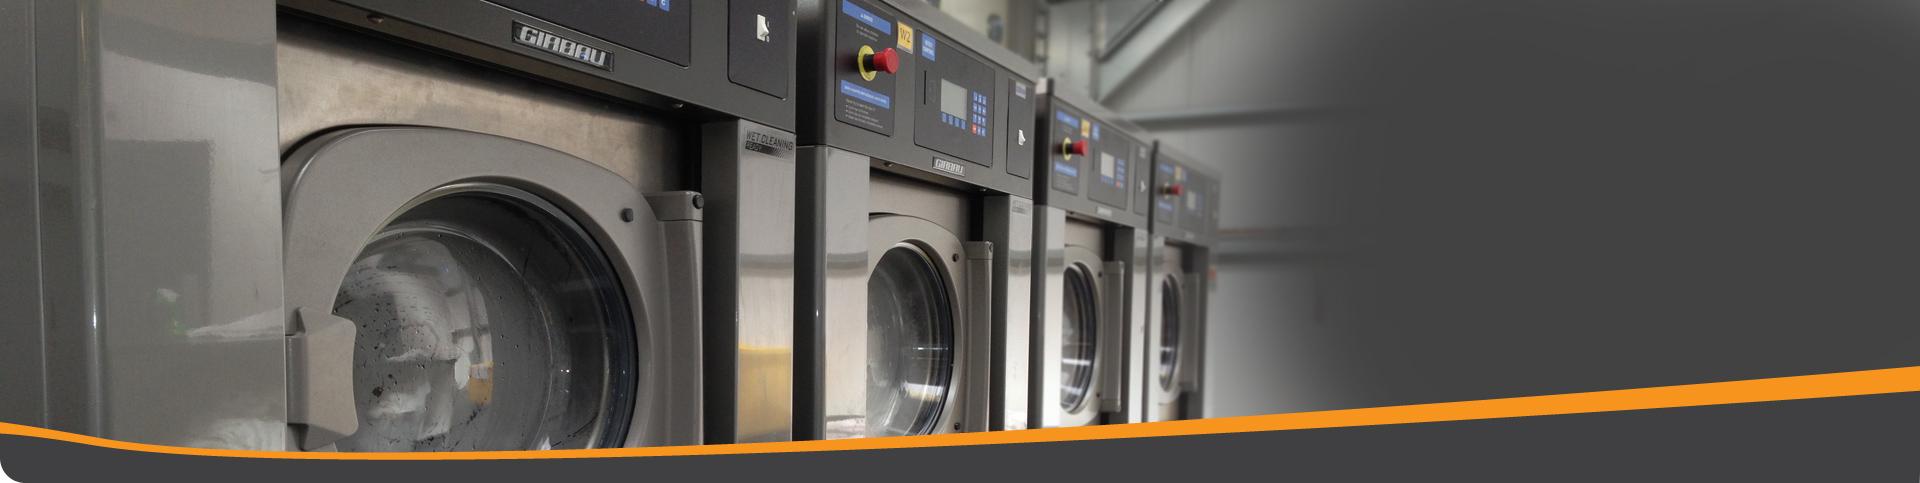 Bubbles_linen_laundry_newquay